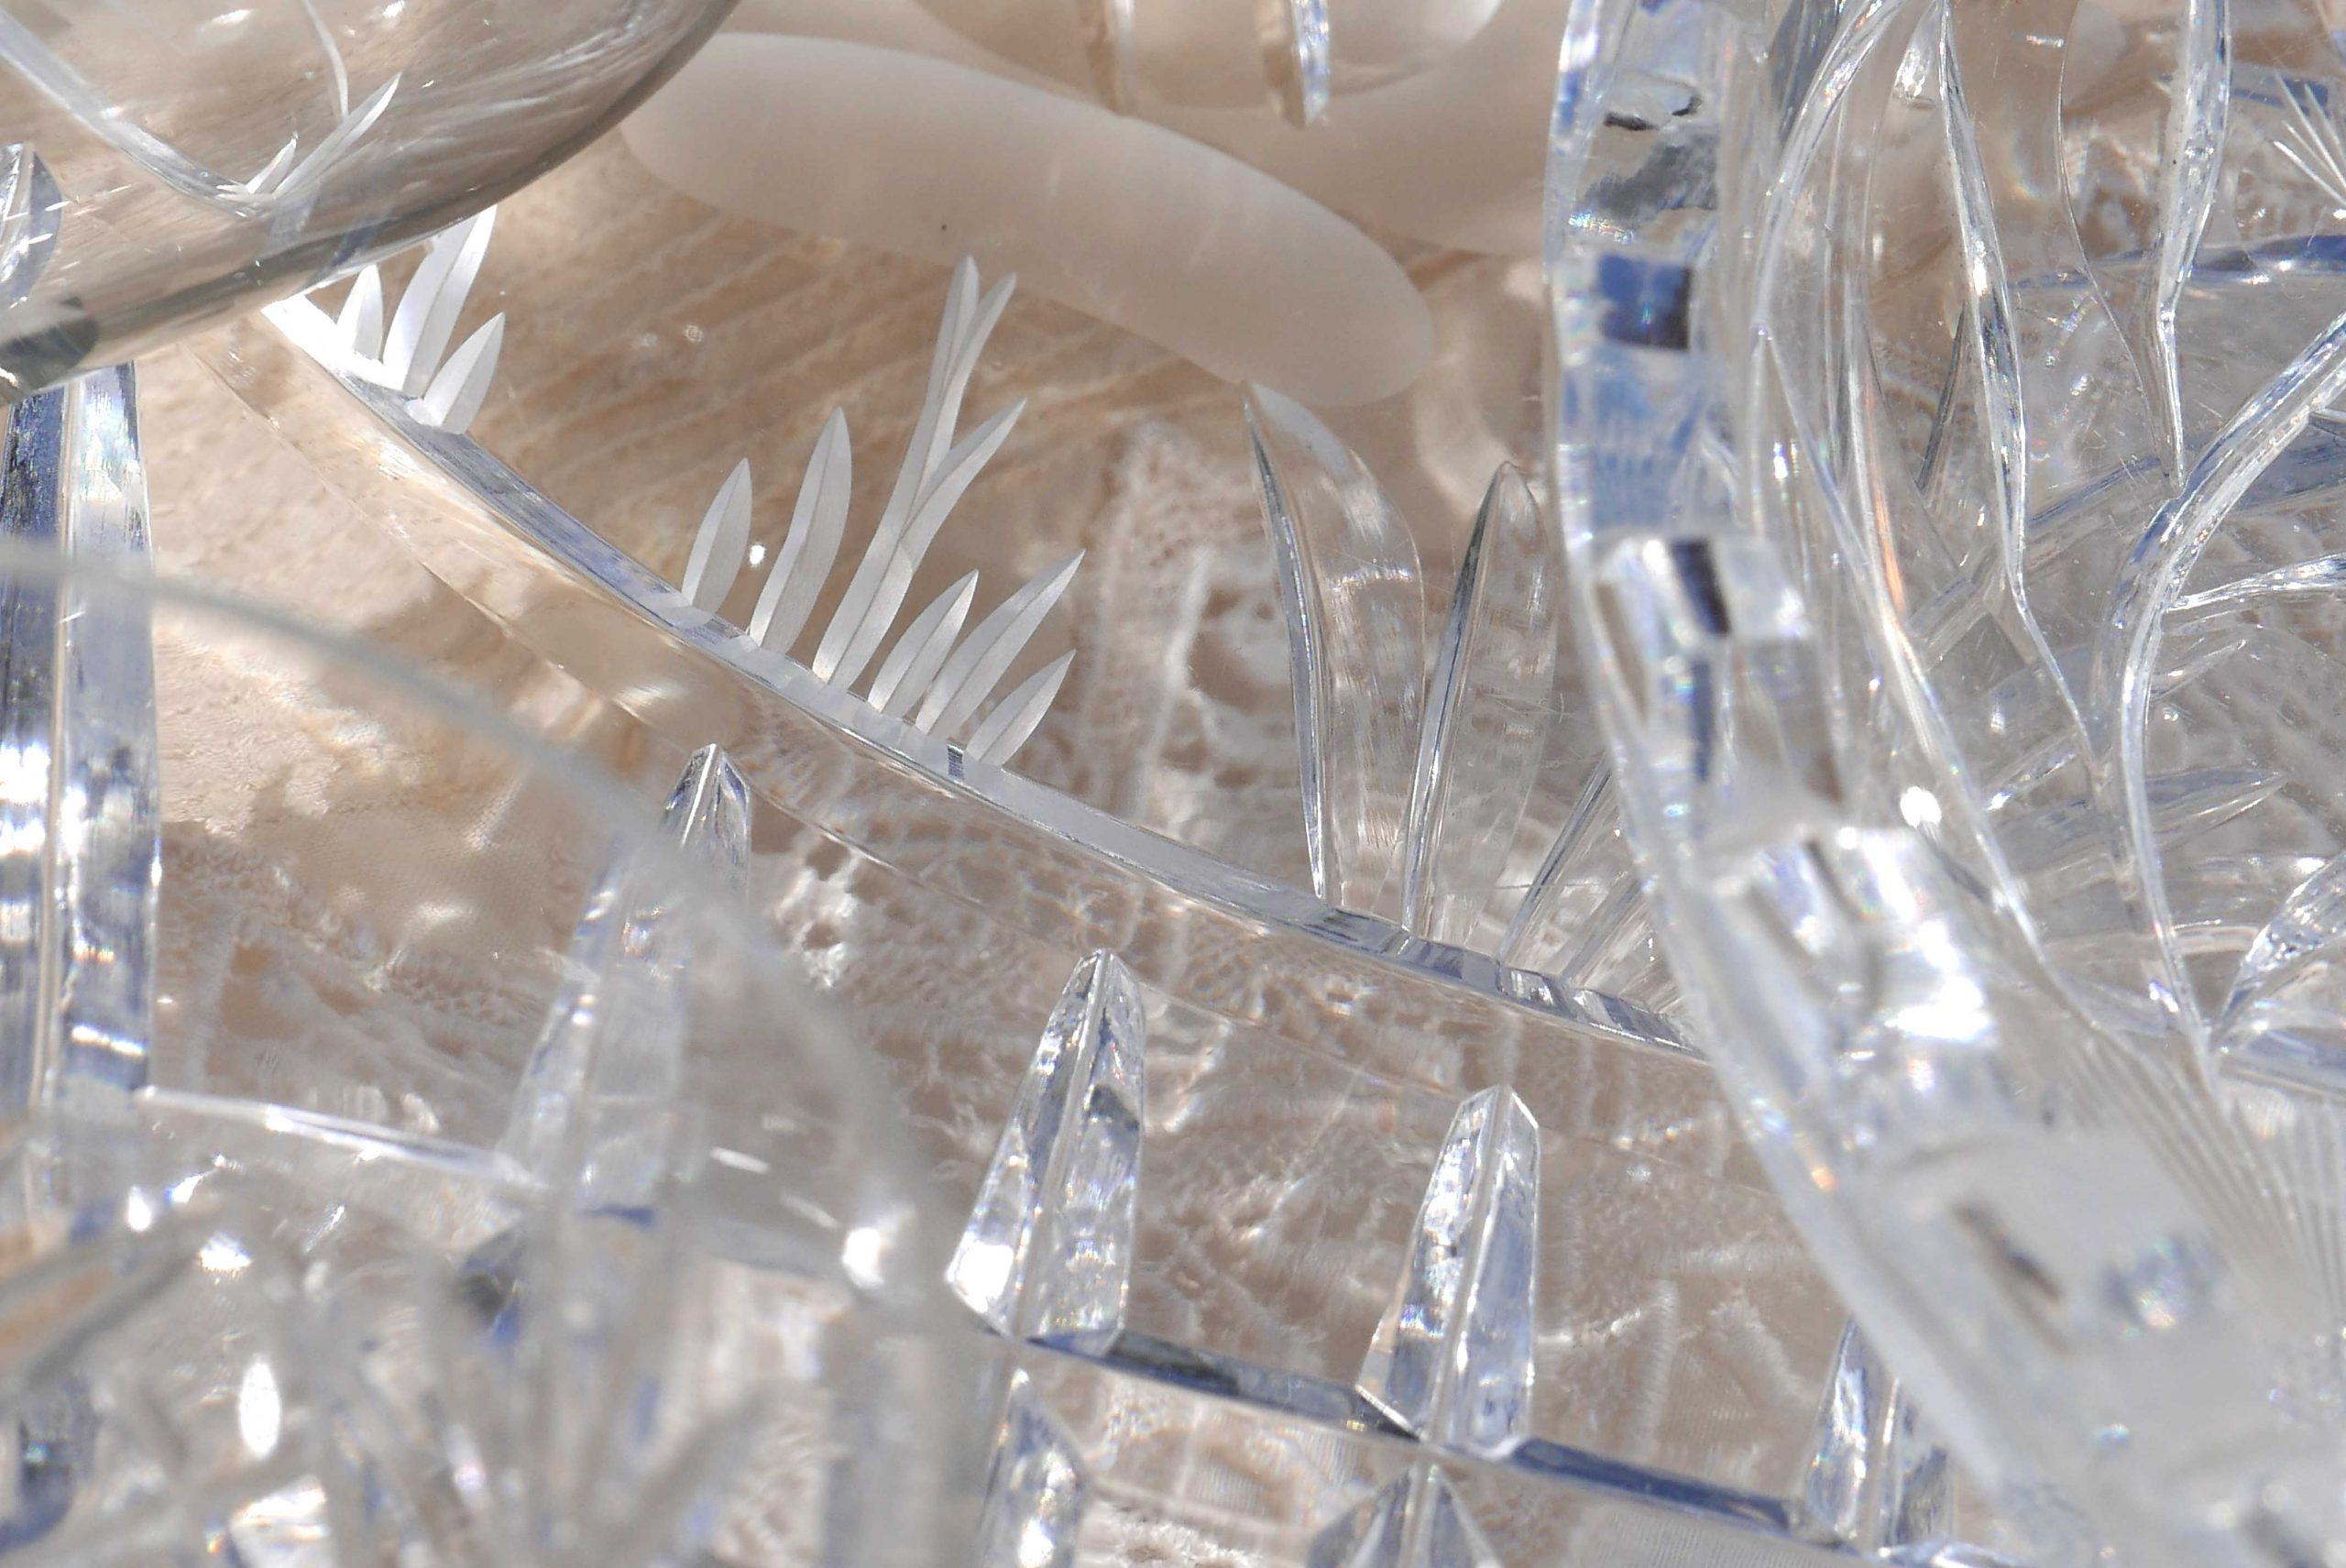 Kristallglas Klarheit der Details